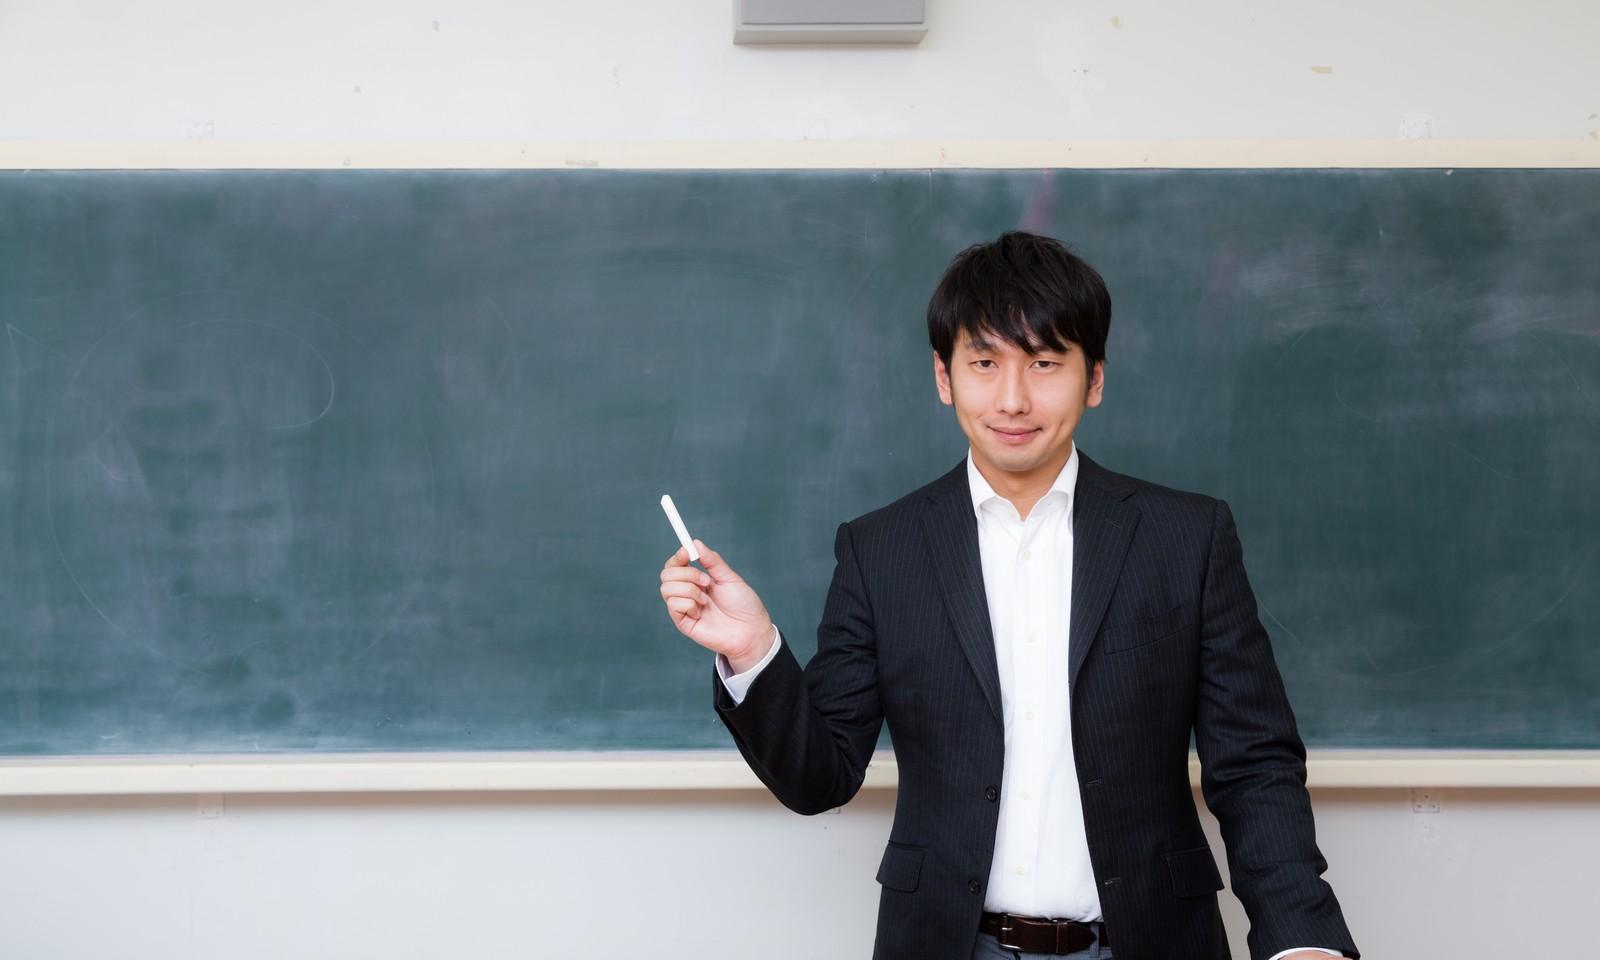 管理者教育